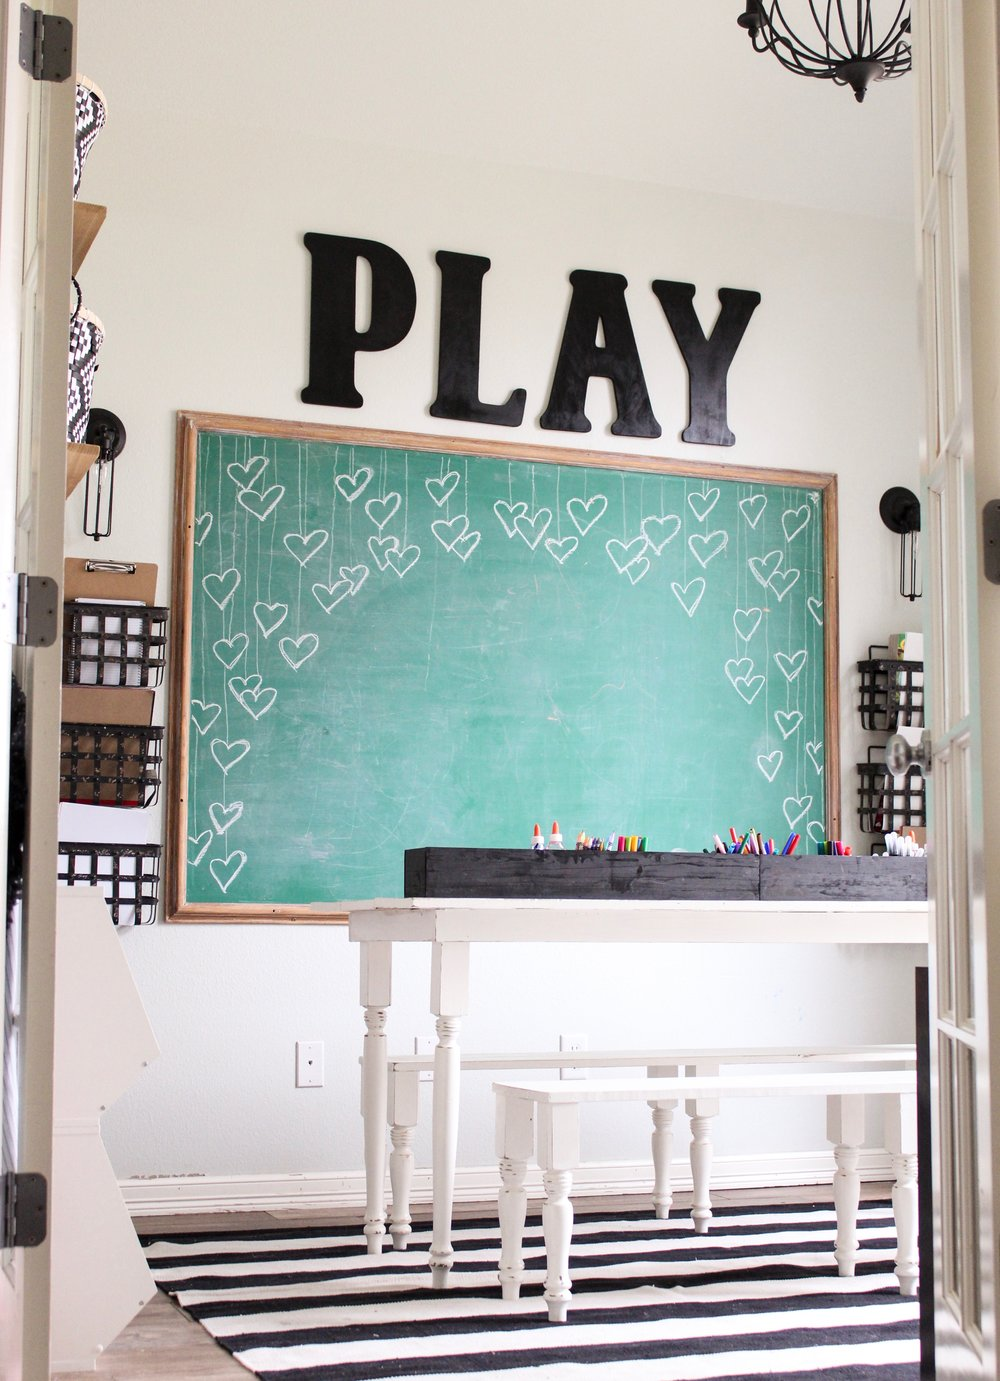 CottonStem.com farmhouse playroom black and white rug decor.jpeg